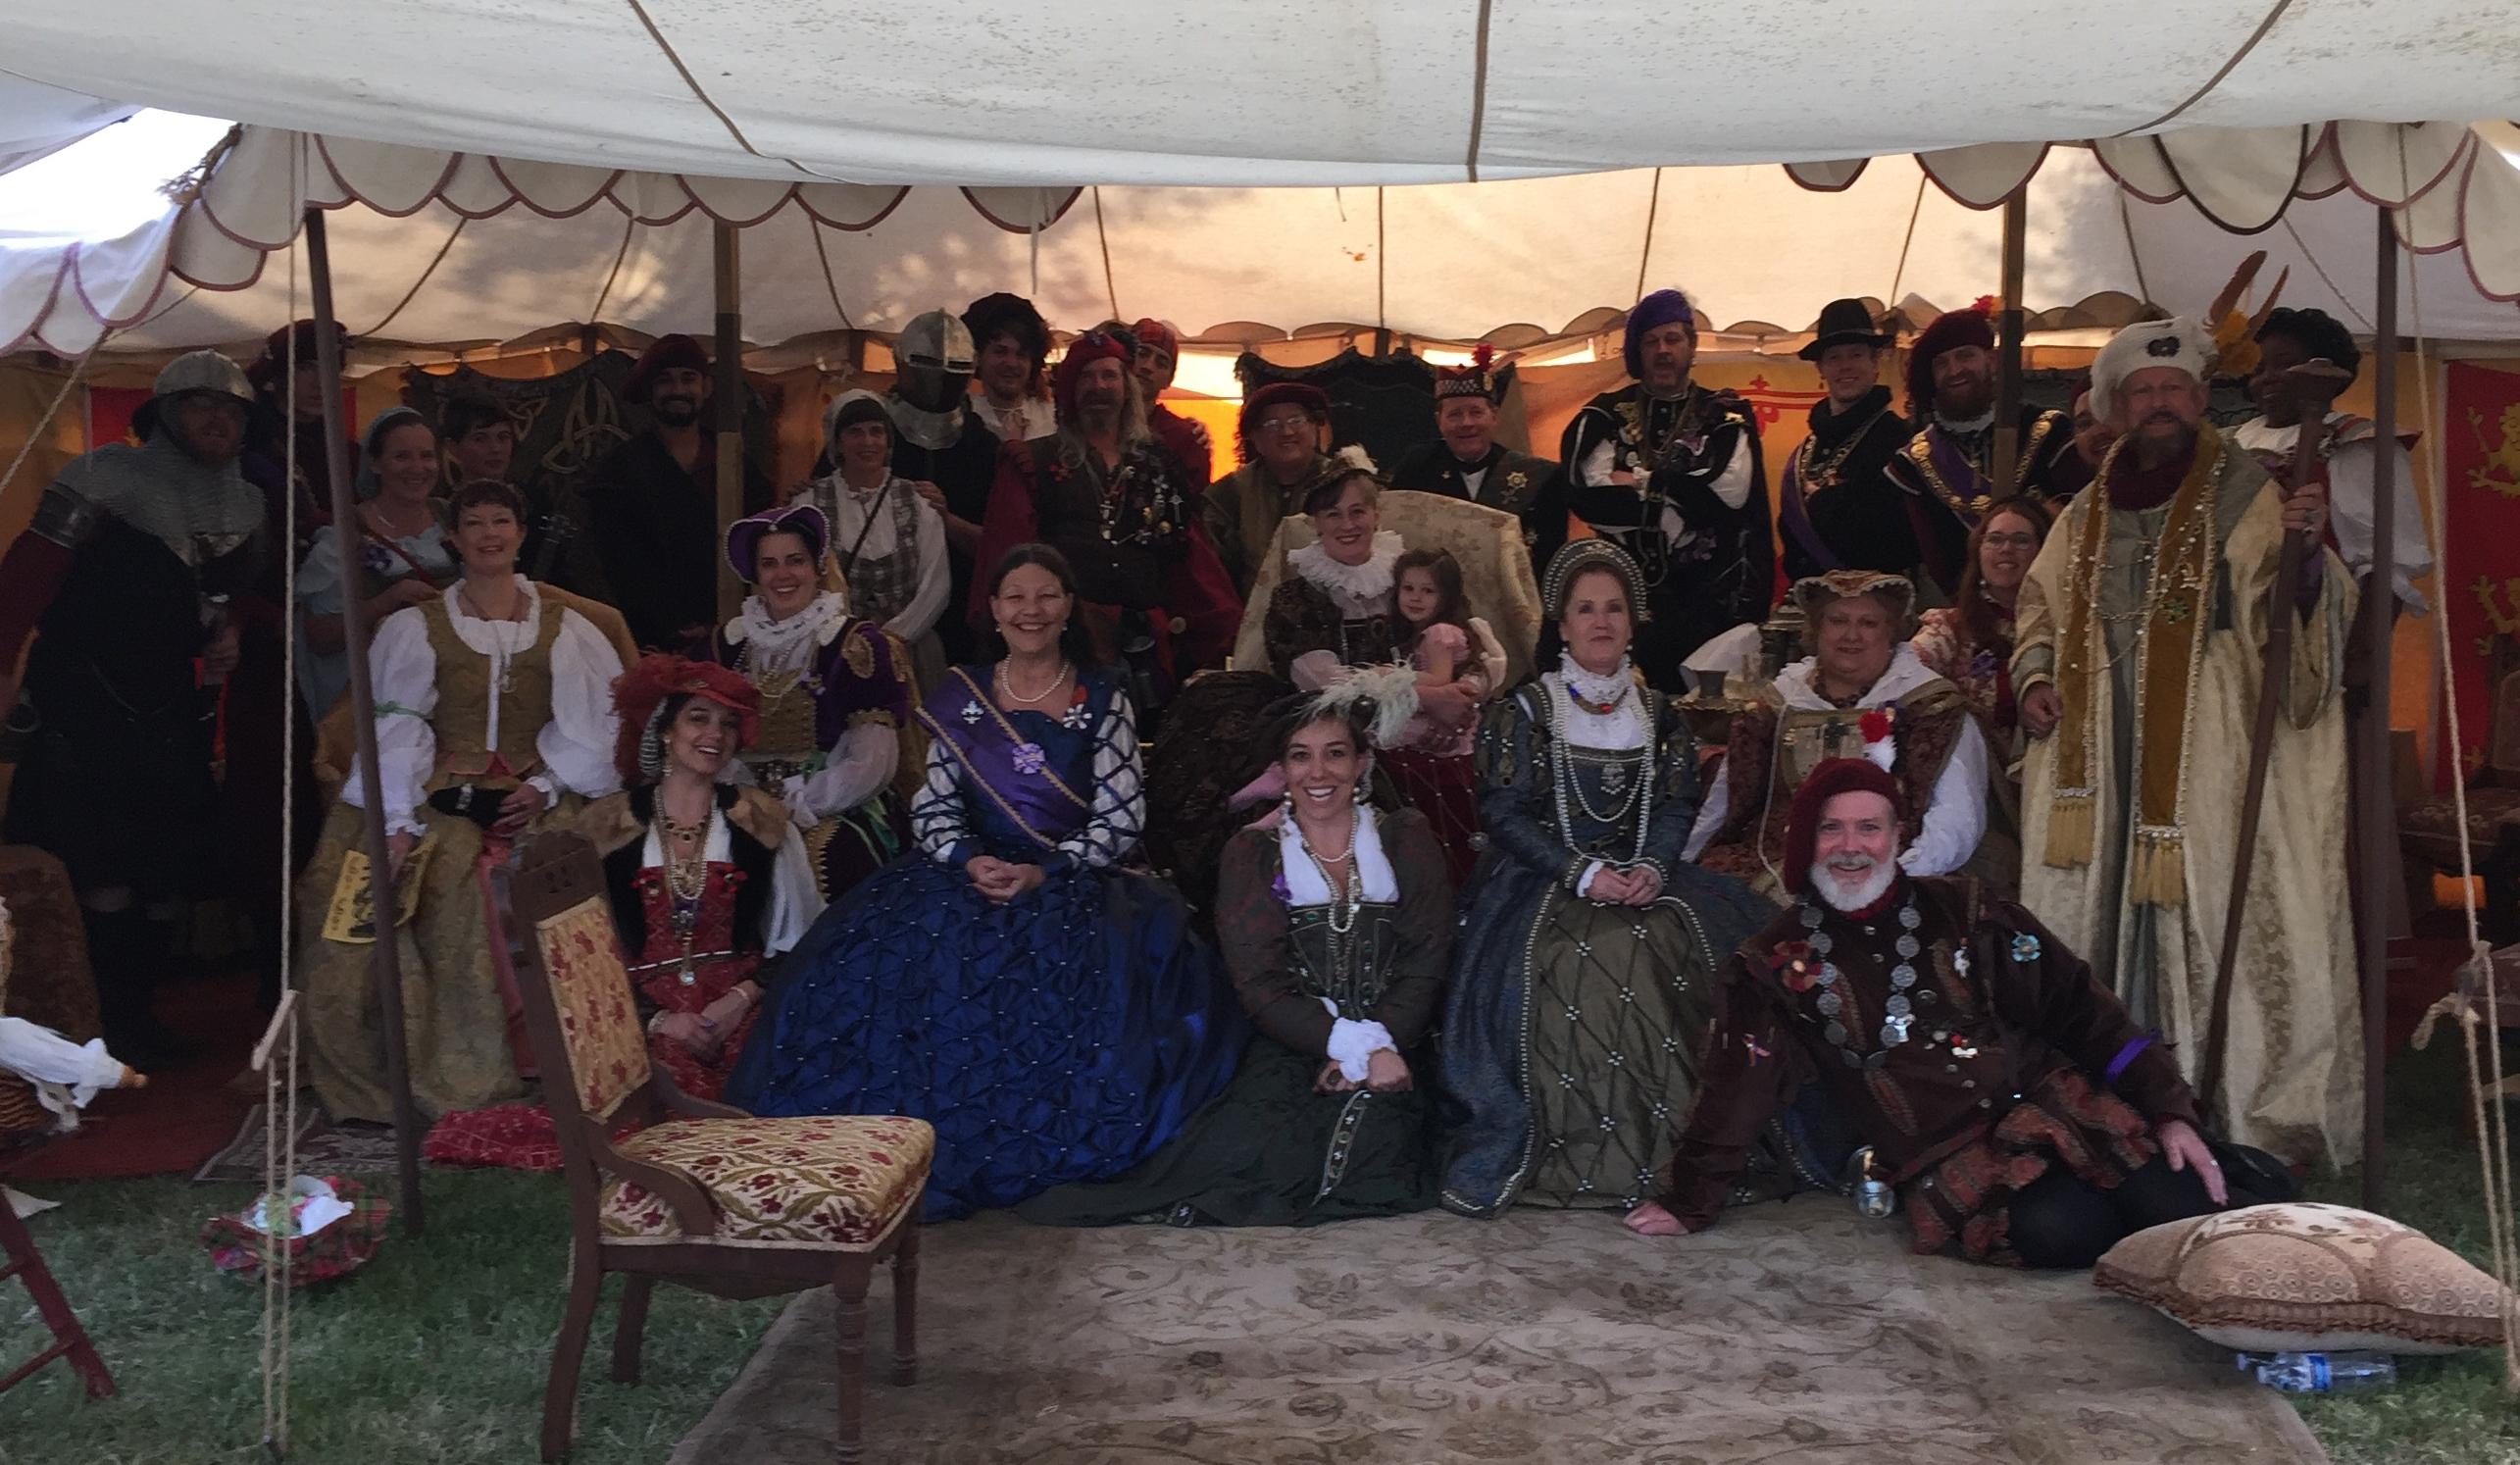 Mary Queen Of Scots >> Home - Royal Scots Renaissance Faire Guild